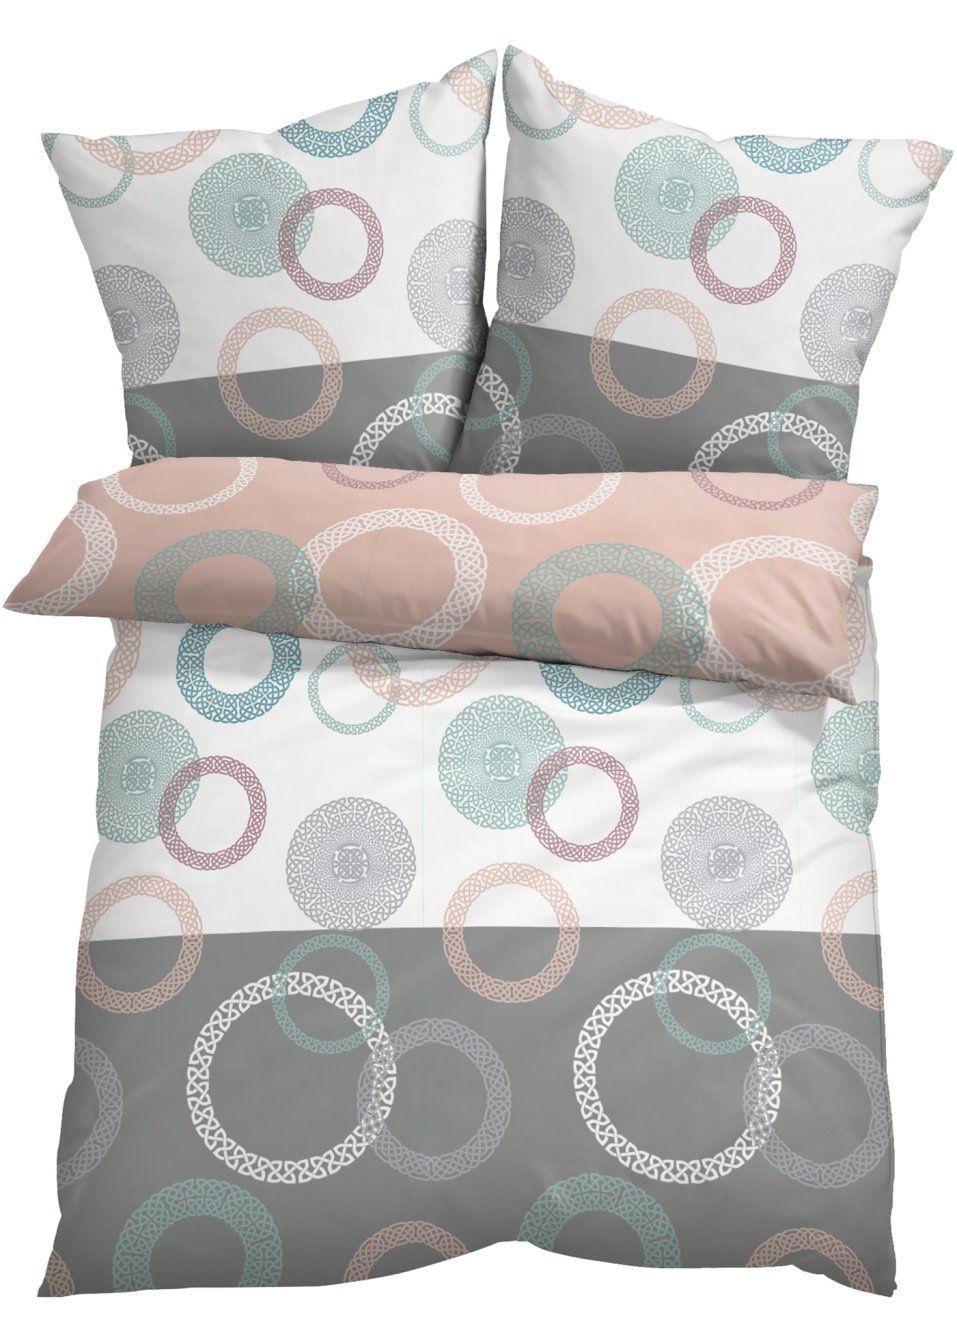 Bettwasche Mit Kreisen Bettwasche Bett Und Modernes Design